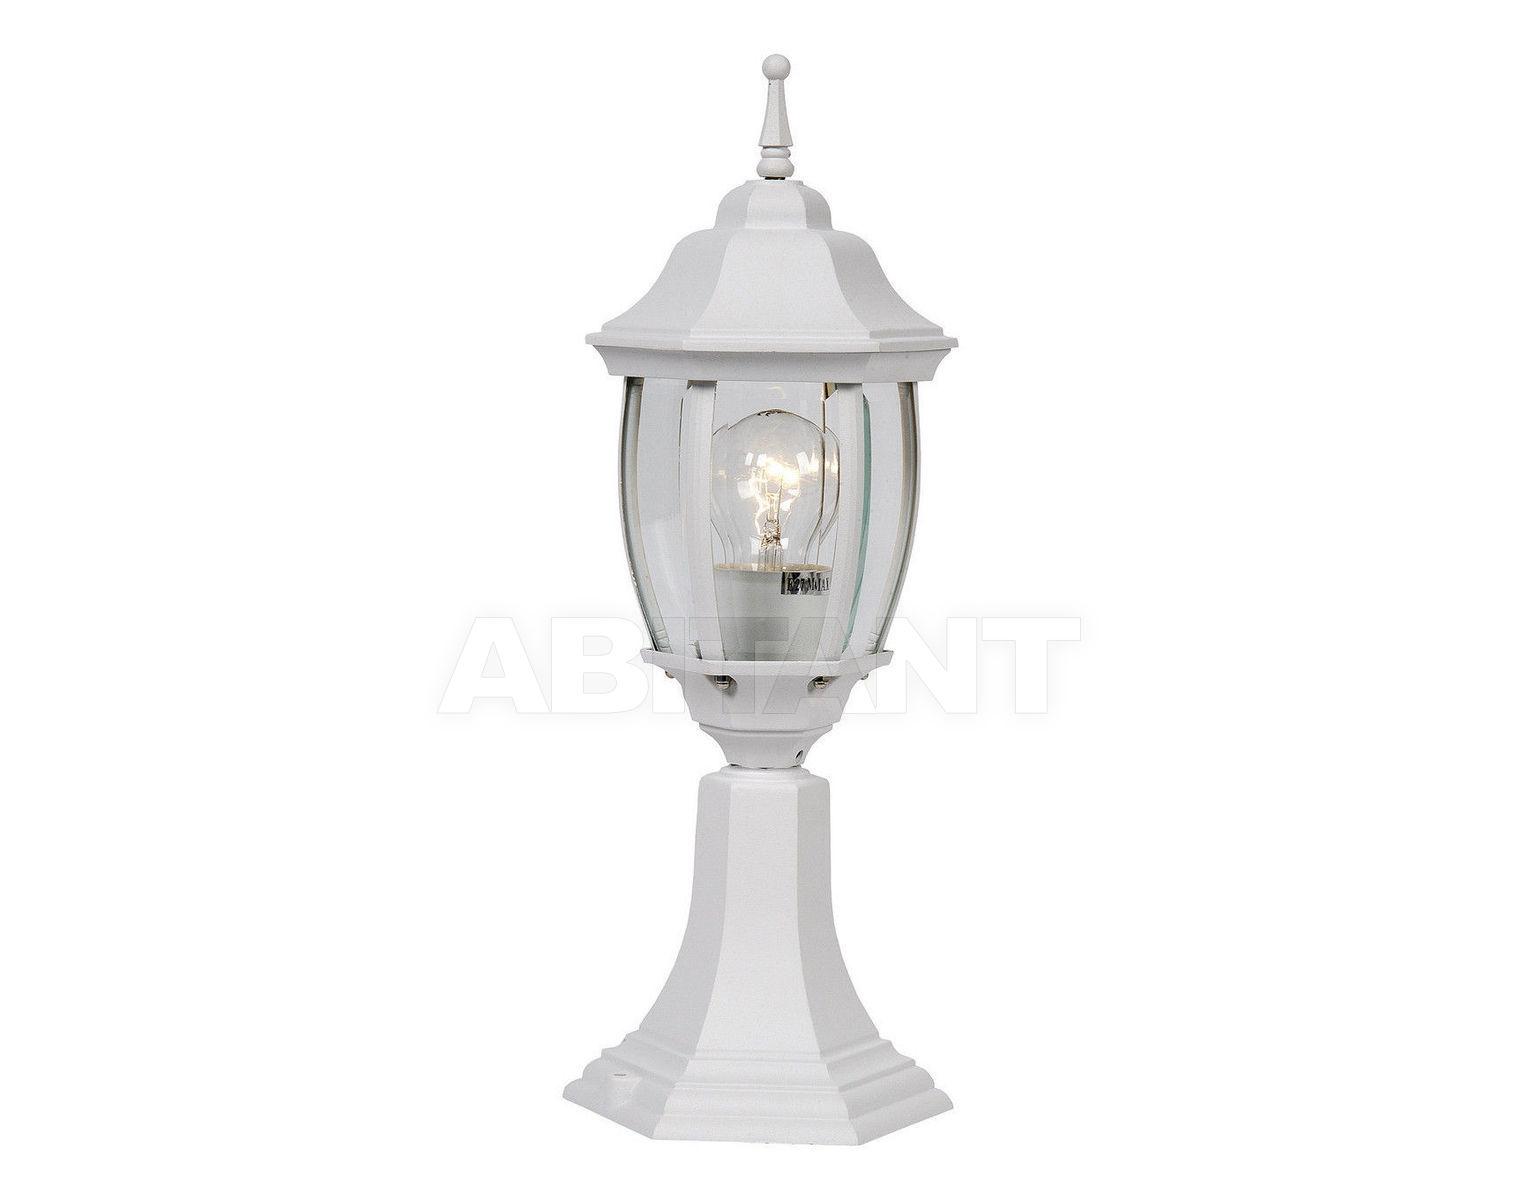 Купить Садовый светильник Lucide  Outdoor 2013 11834/01/31